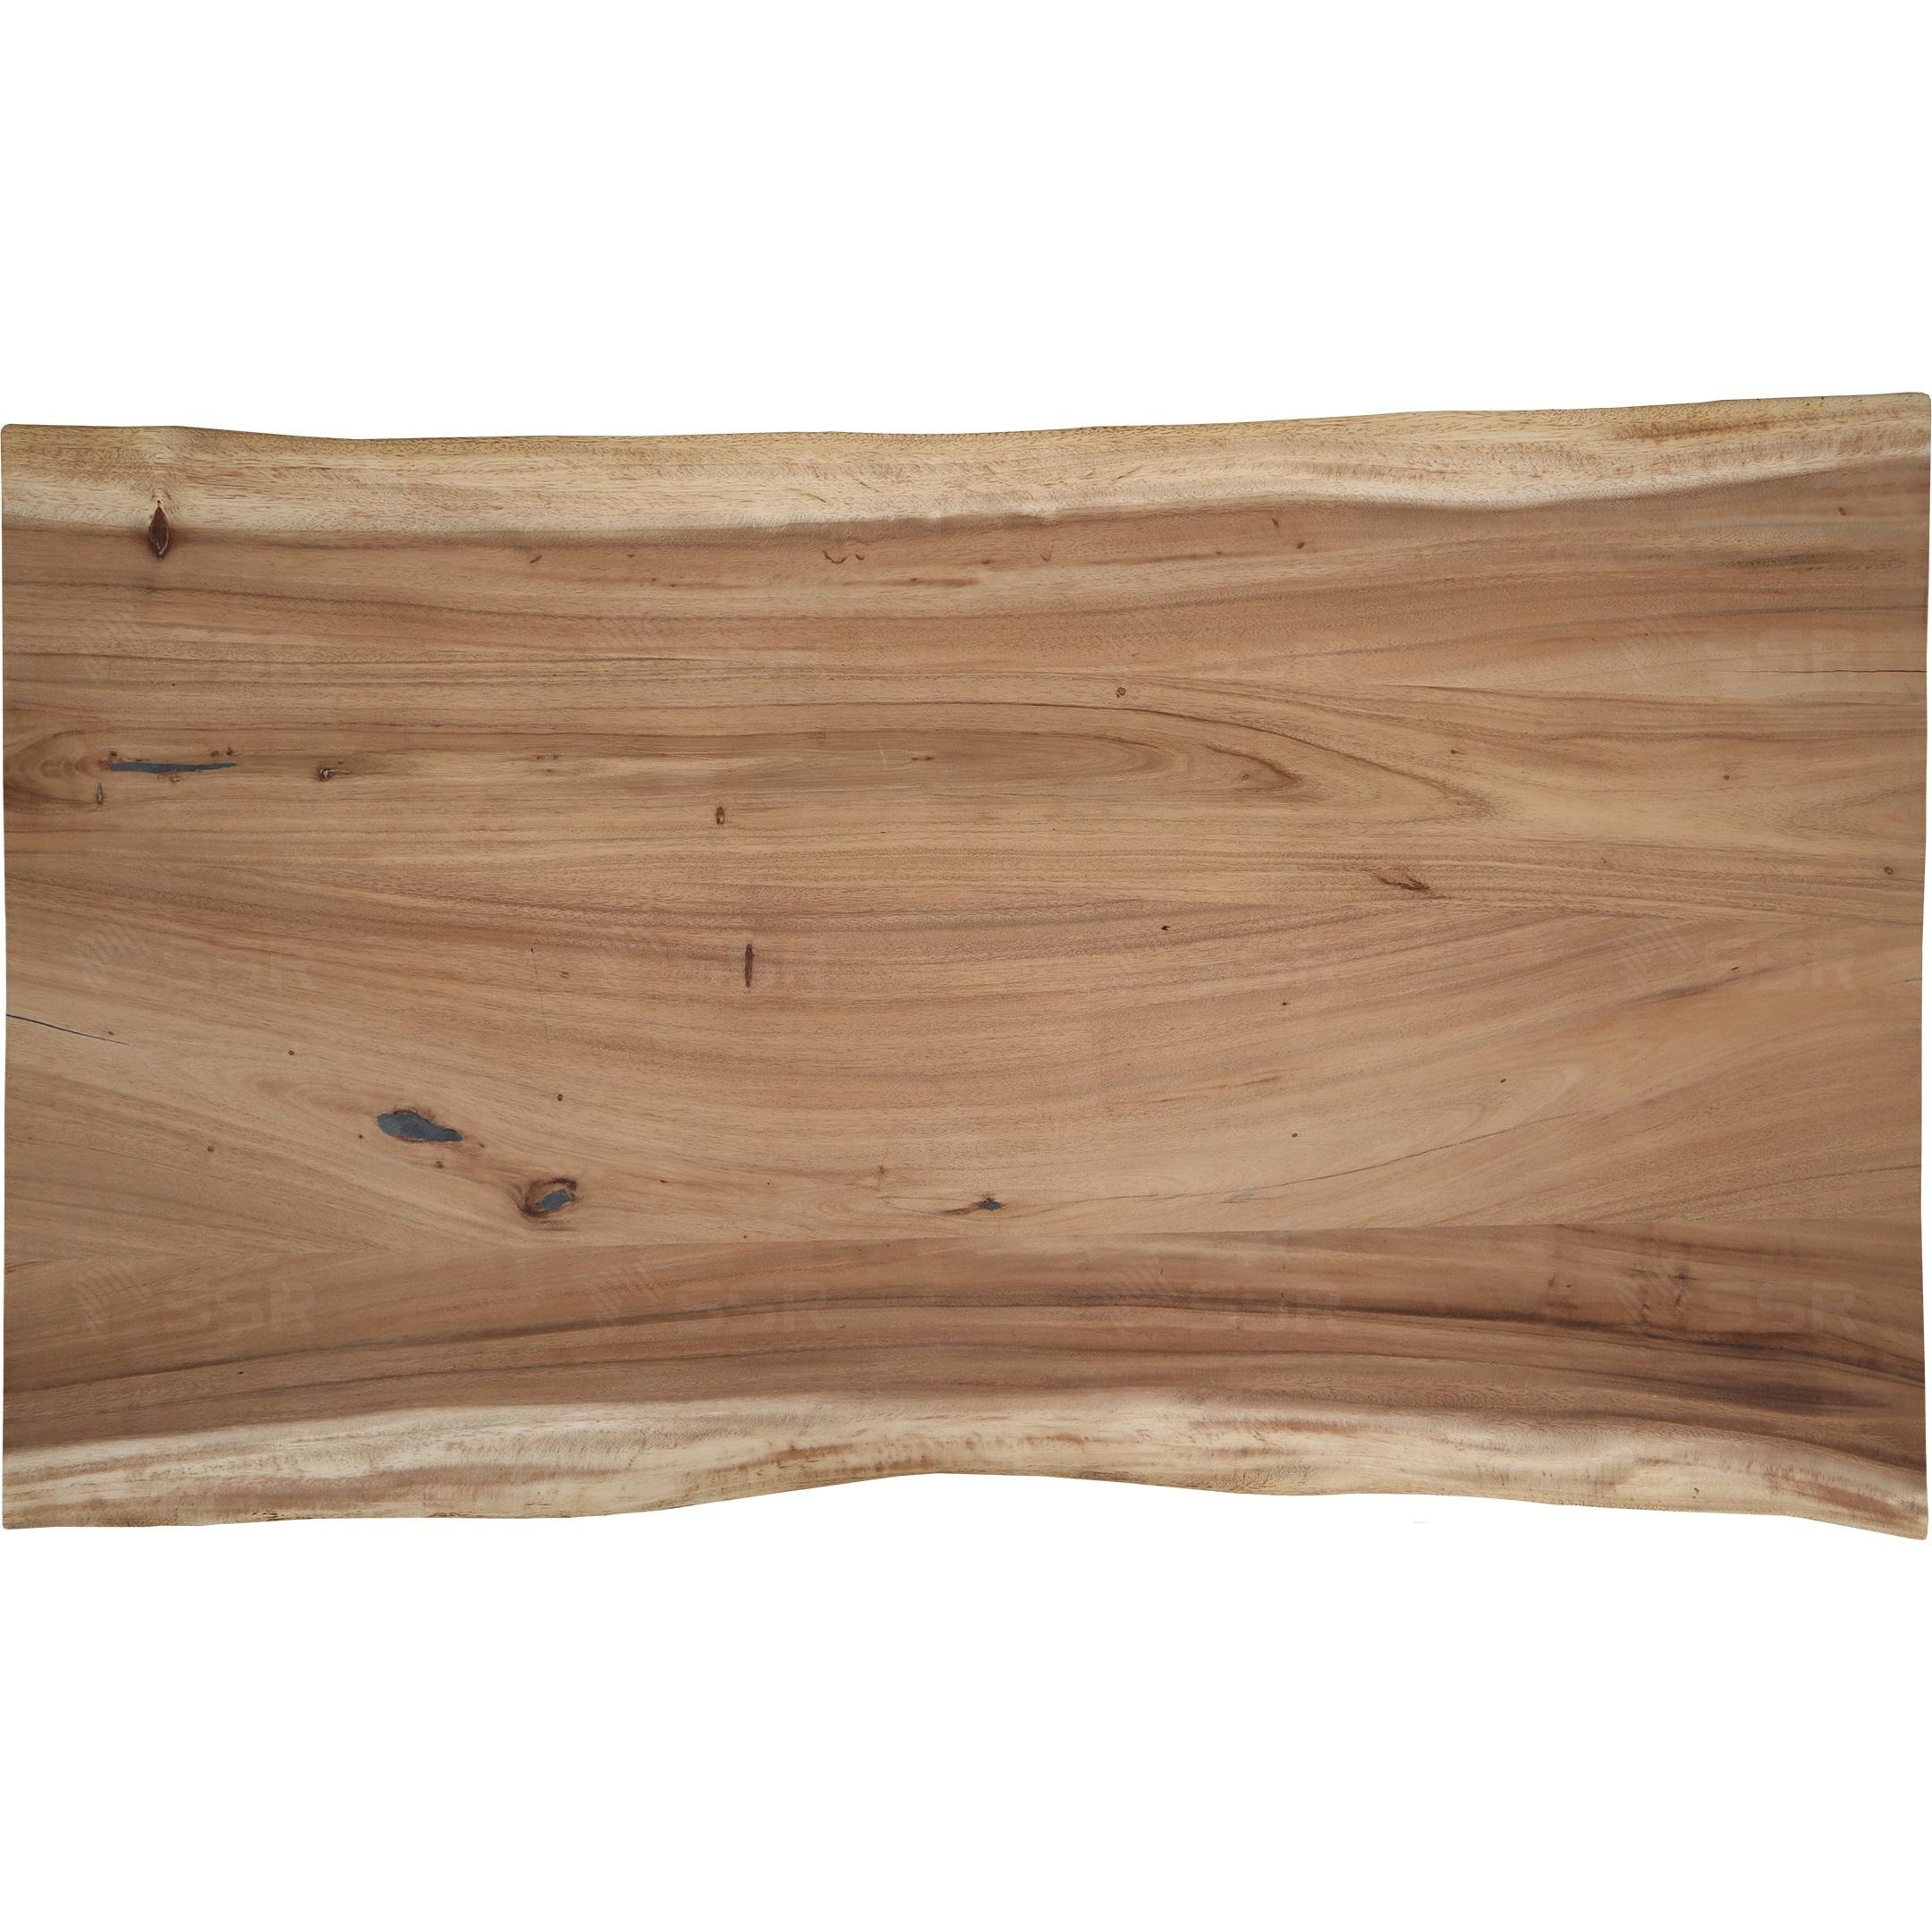 Arbre à pluie Samanea Saman Revêtement d'huile Finition à l'huile Live Edge Bord naturel Dalle en bois L'industrie du bois Global Commerce Fournisseur international de produits en bois De gros Certifié FSC Importation Exportation